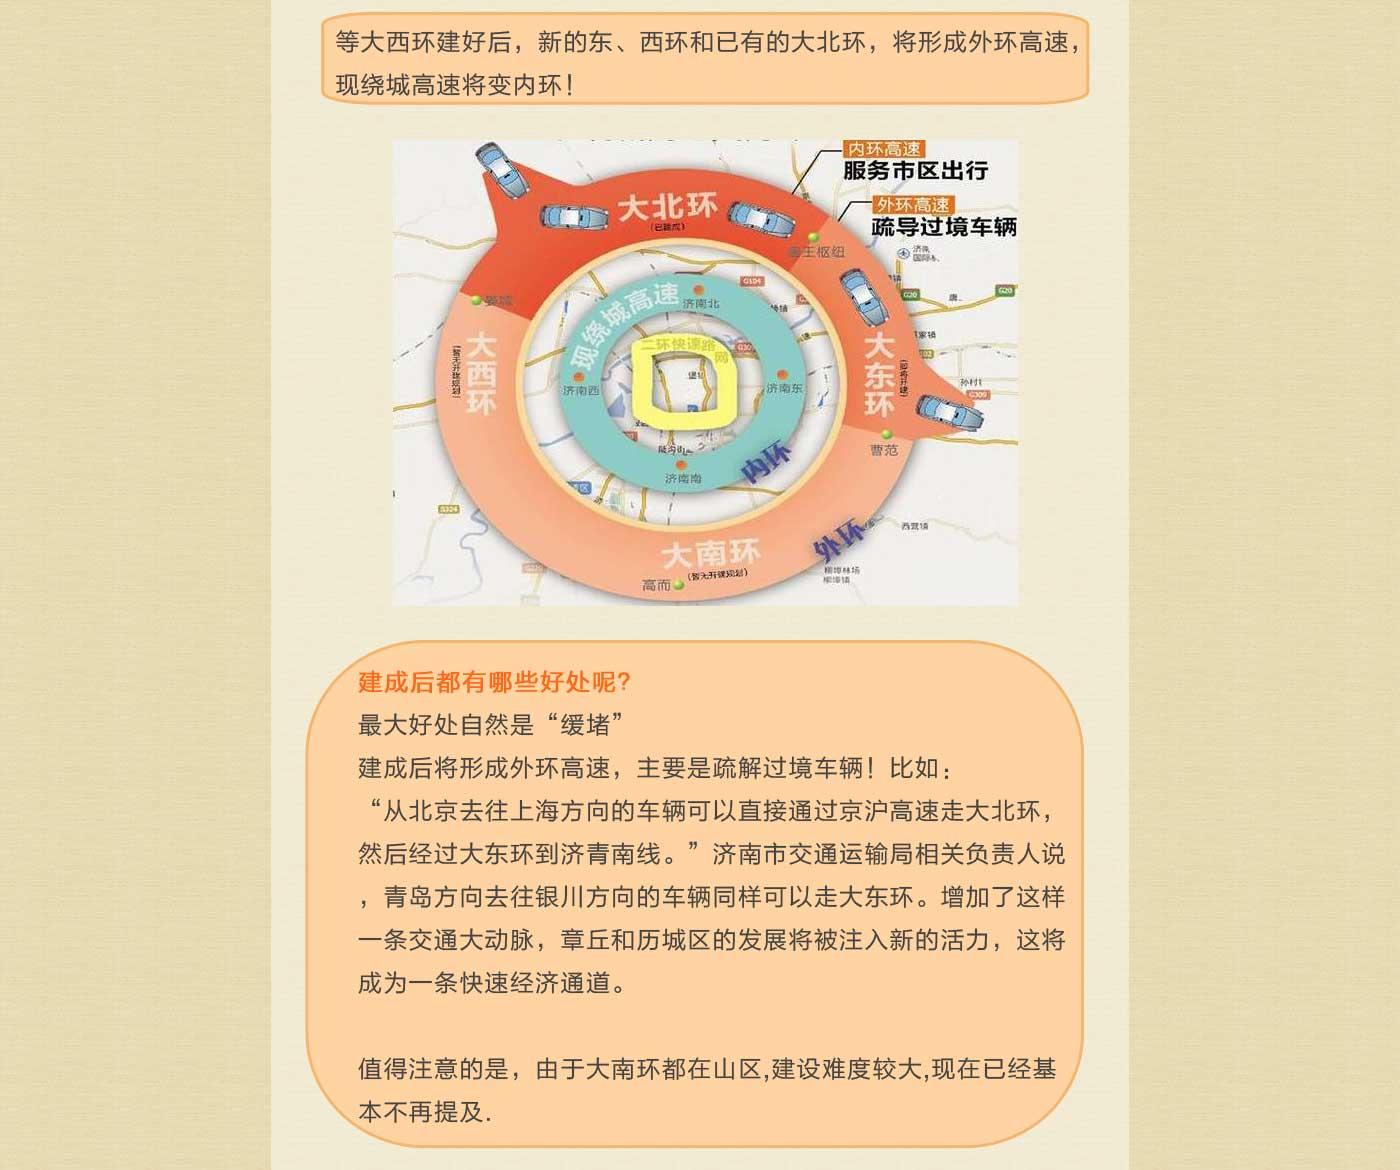 济南三环规划,济南交通建设,高快一体,济南二环东路南路交接,济南内环外环